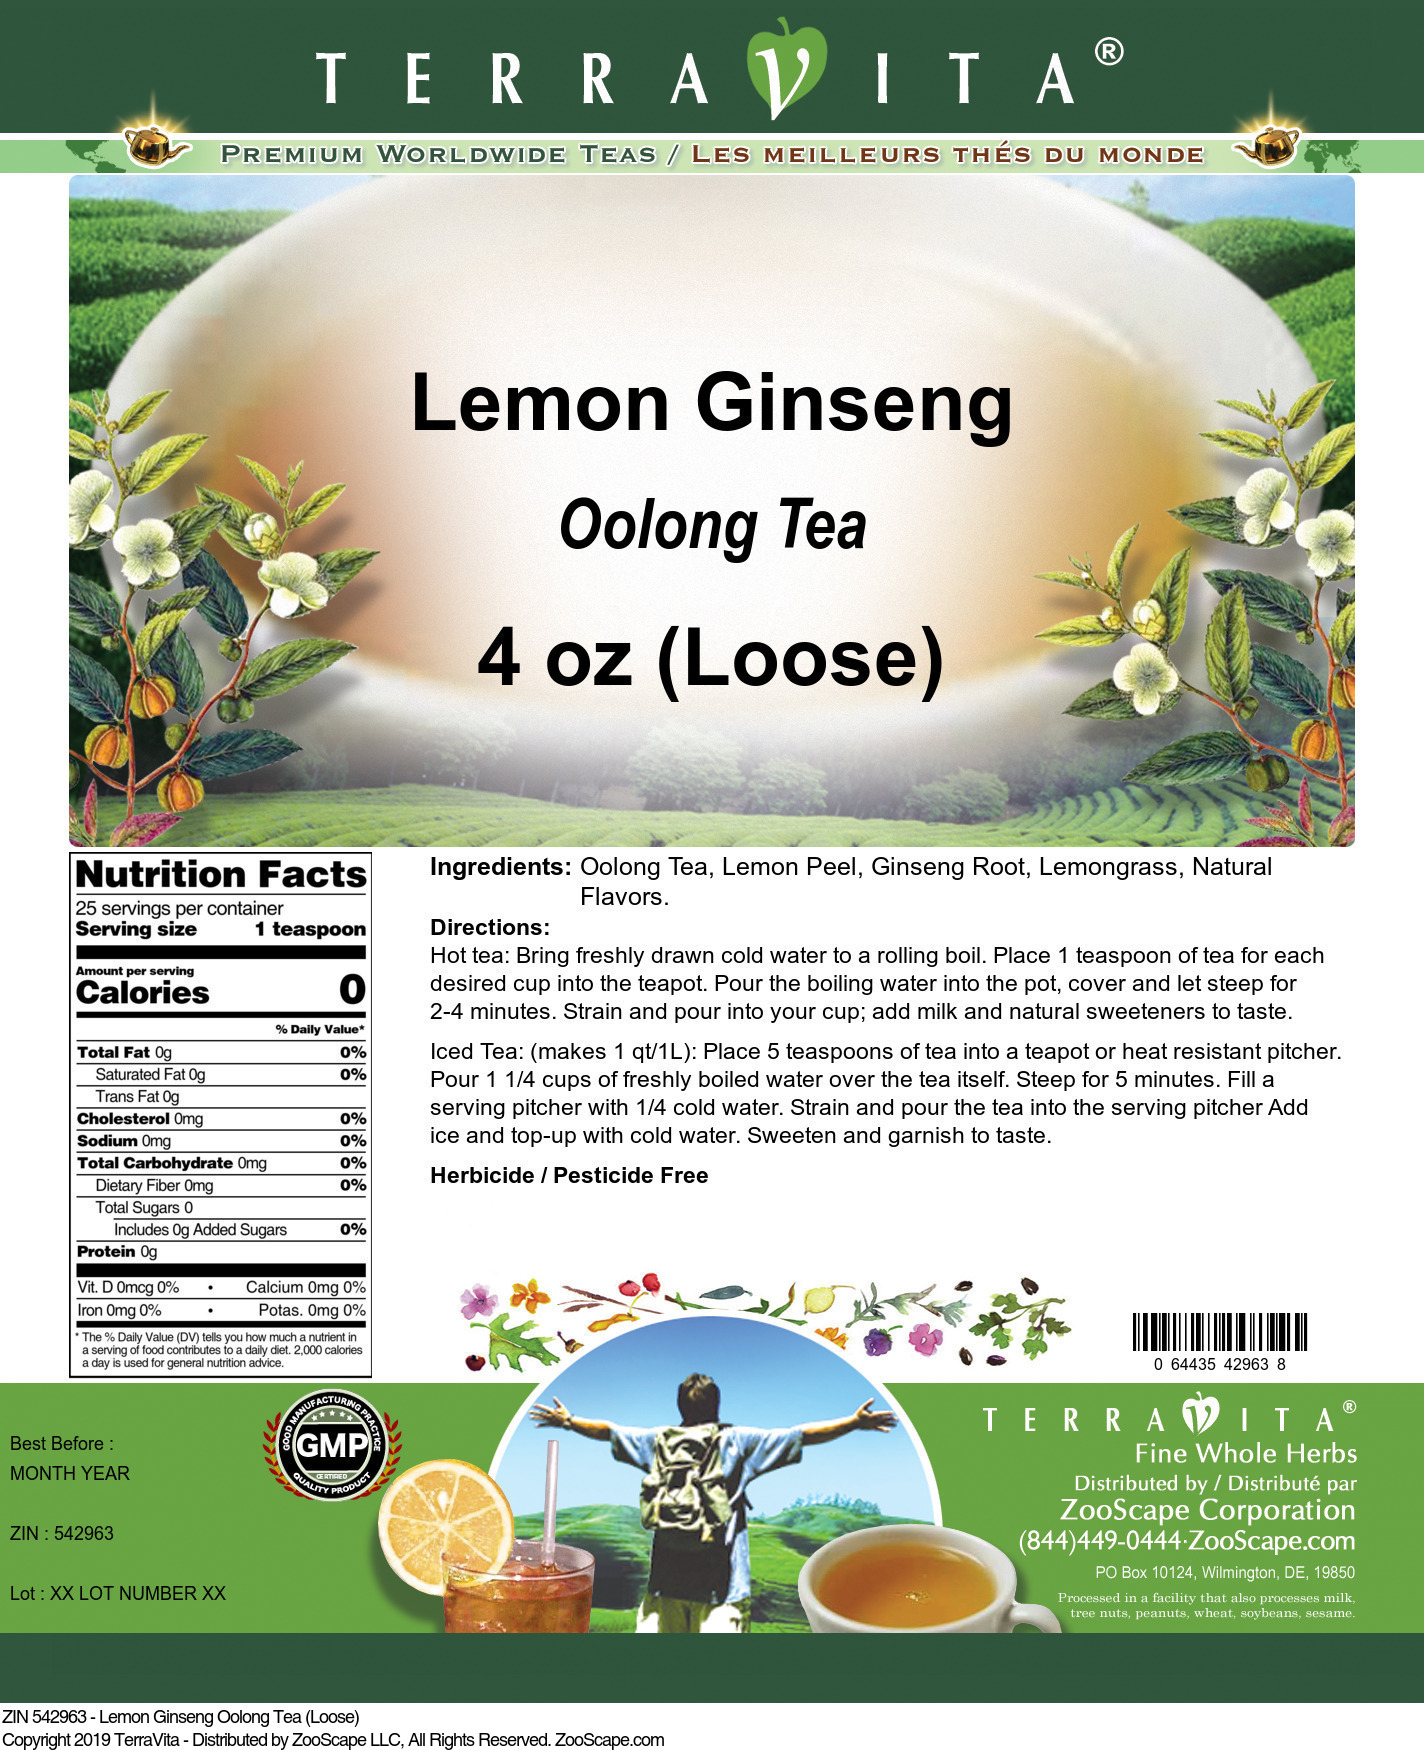 Lemon Ginseng Oolong Tea (Loose)